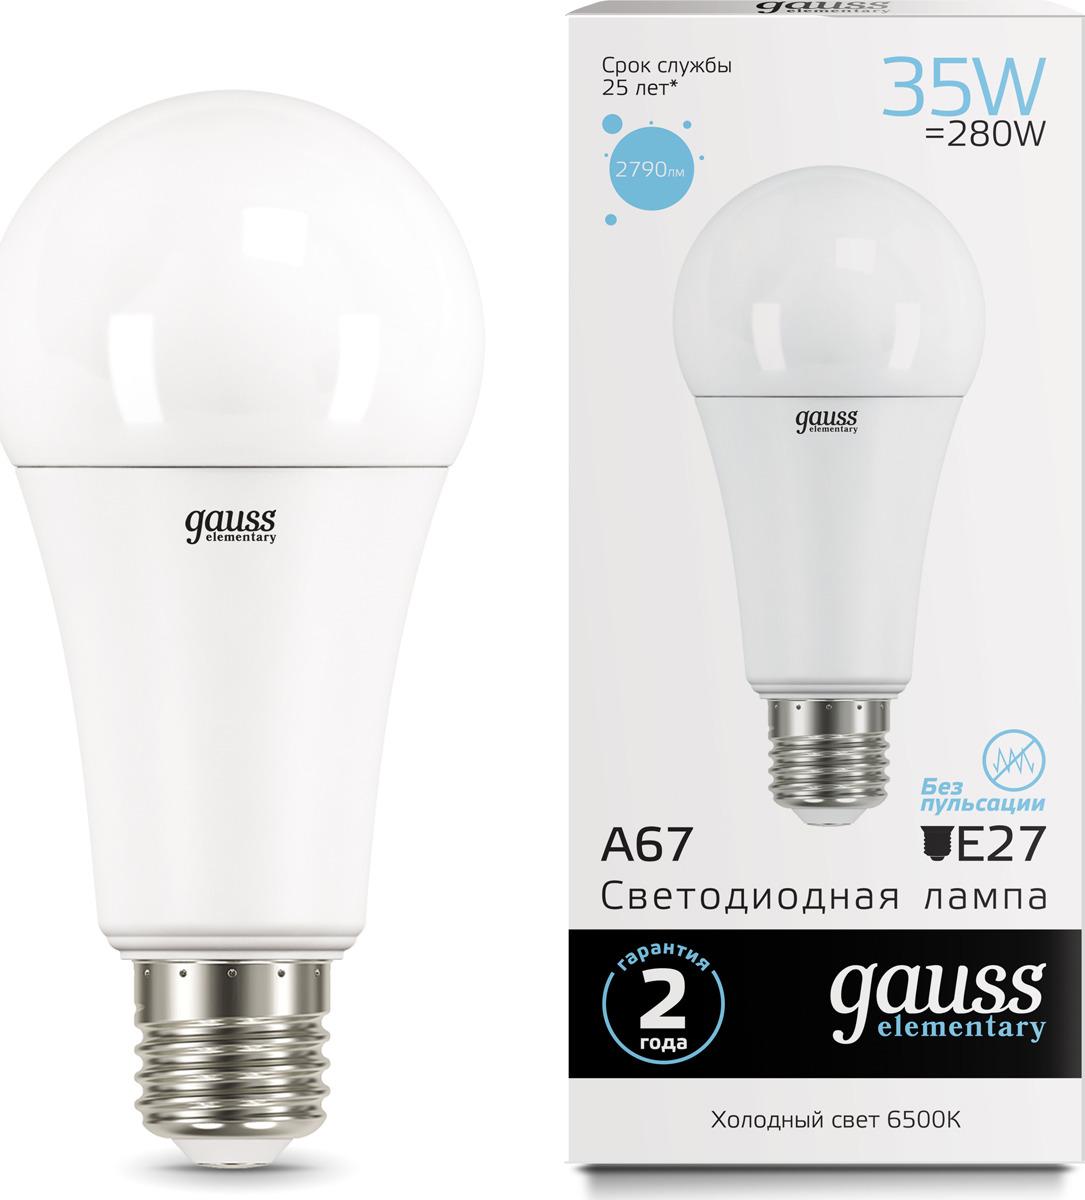 Лампочка Gauss Elementary LED, A67, E27, 35W. 70235